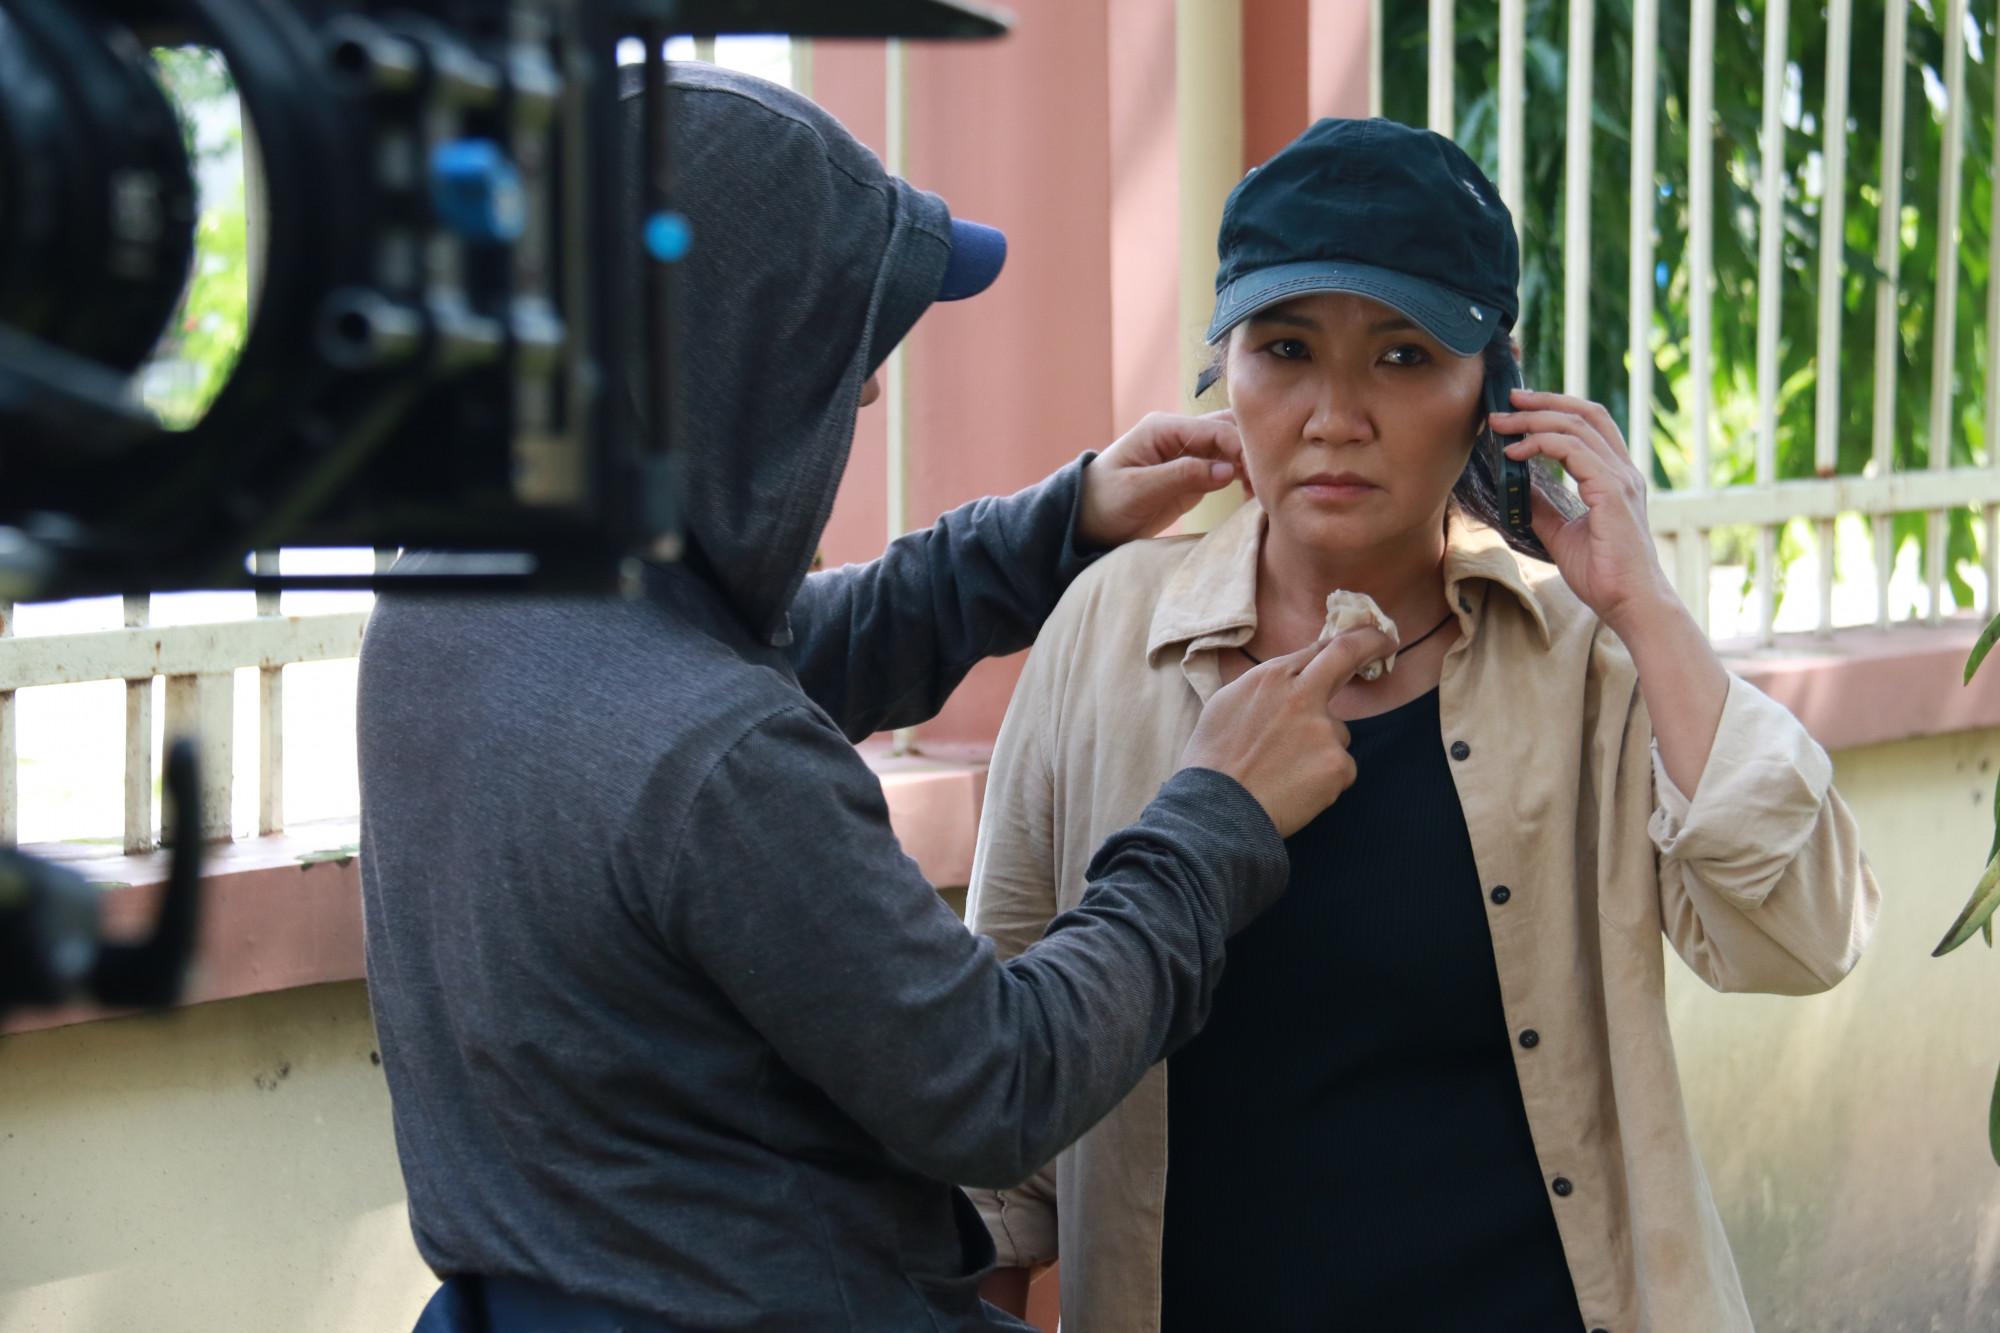 Bà Cẩm là một nhân vật rất khác so với các vai diễn trước đây của nghệ sĩ Ngân Quỳnh